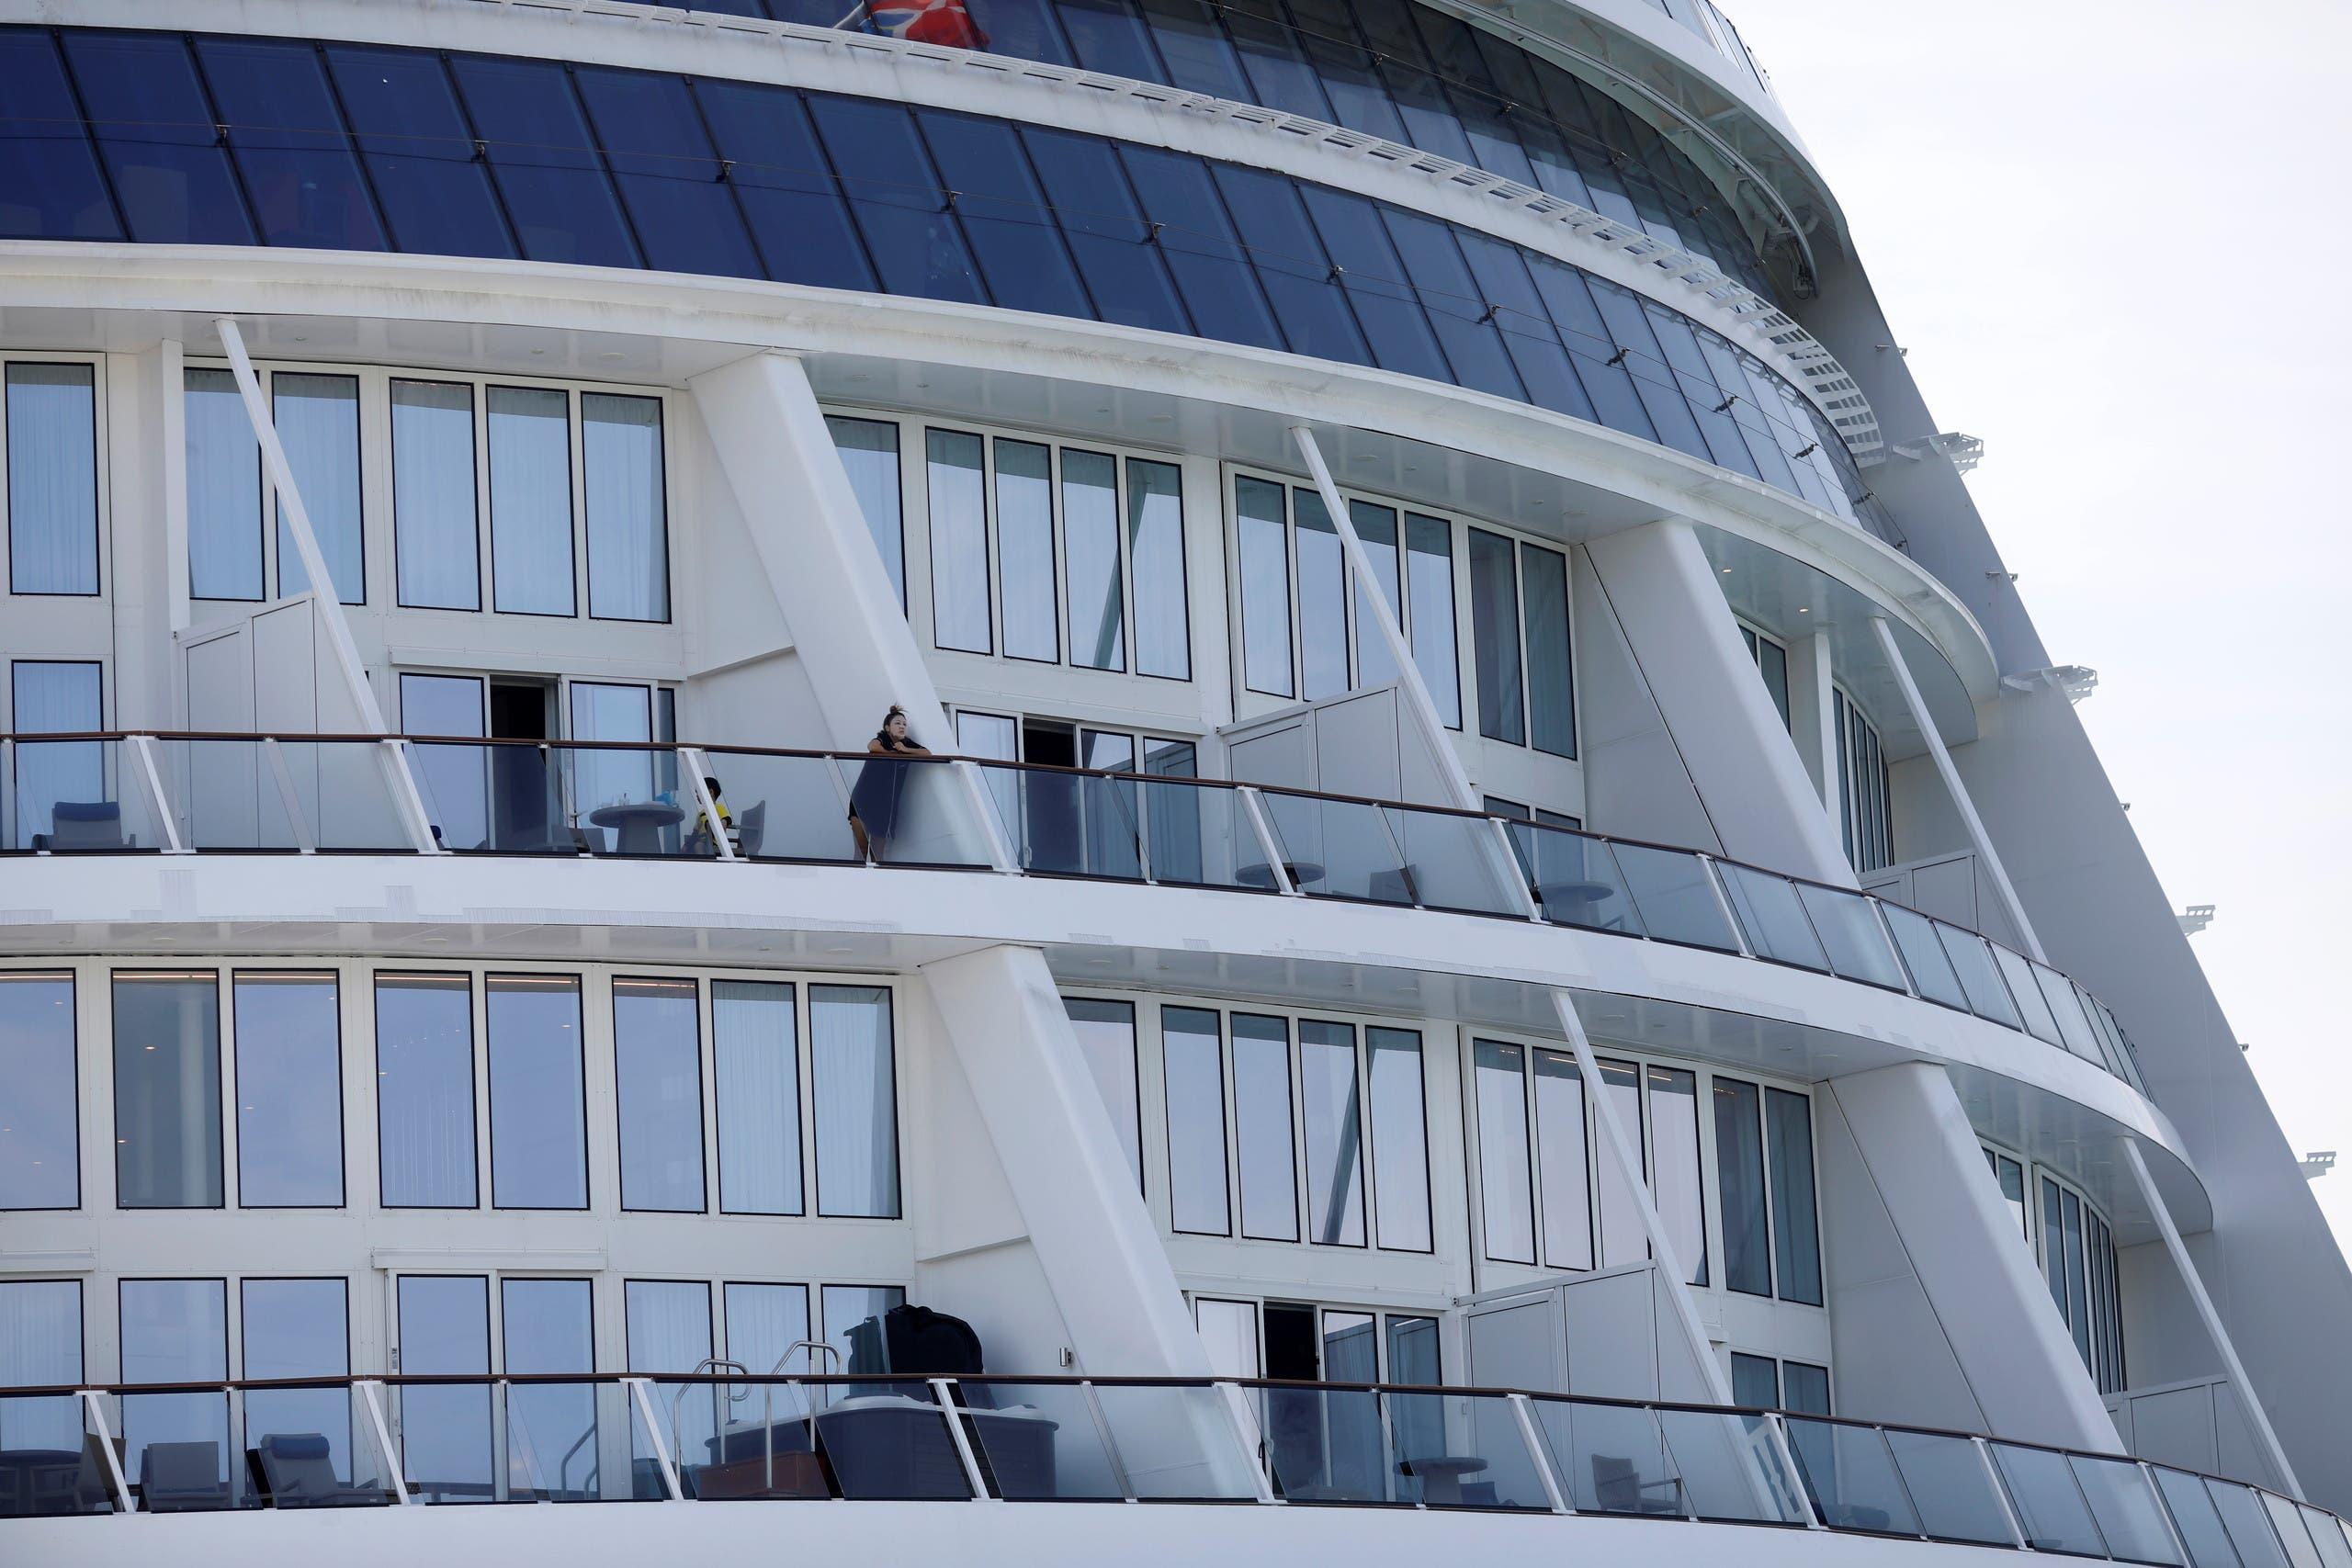 الركاب يلزمون غرفهم بالسفينة